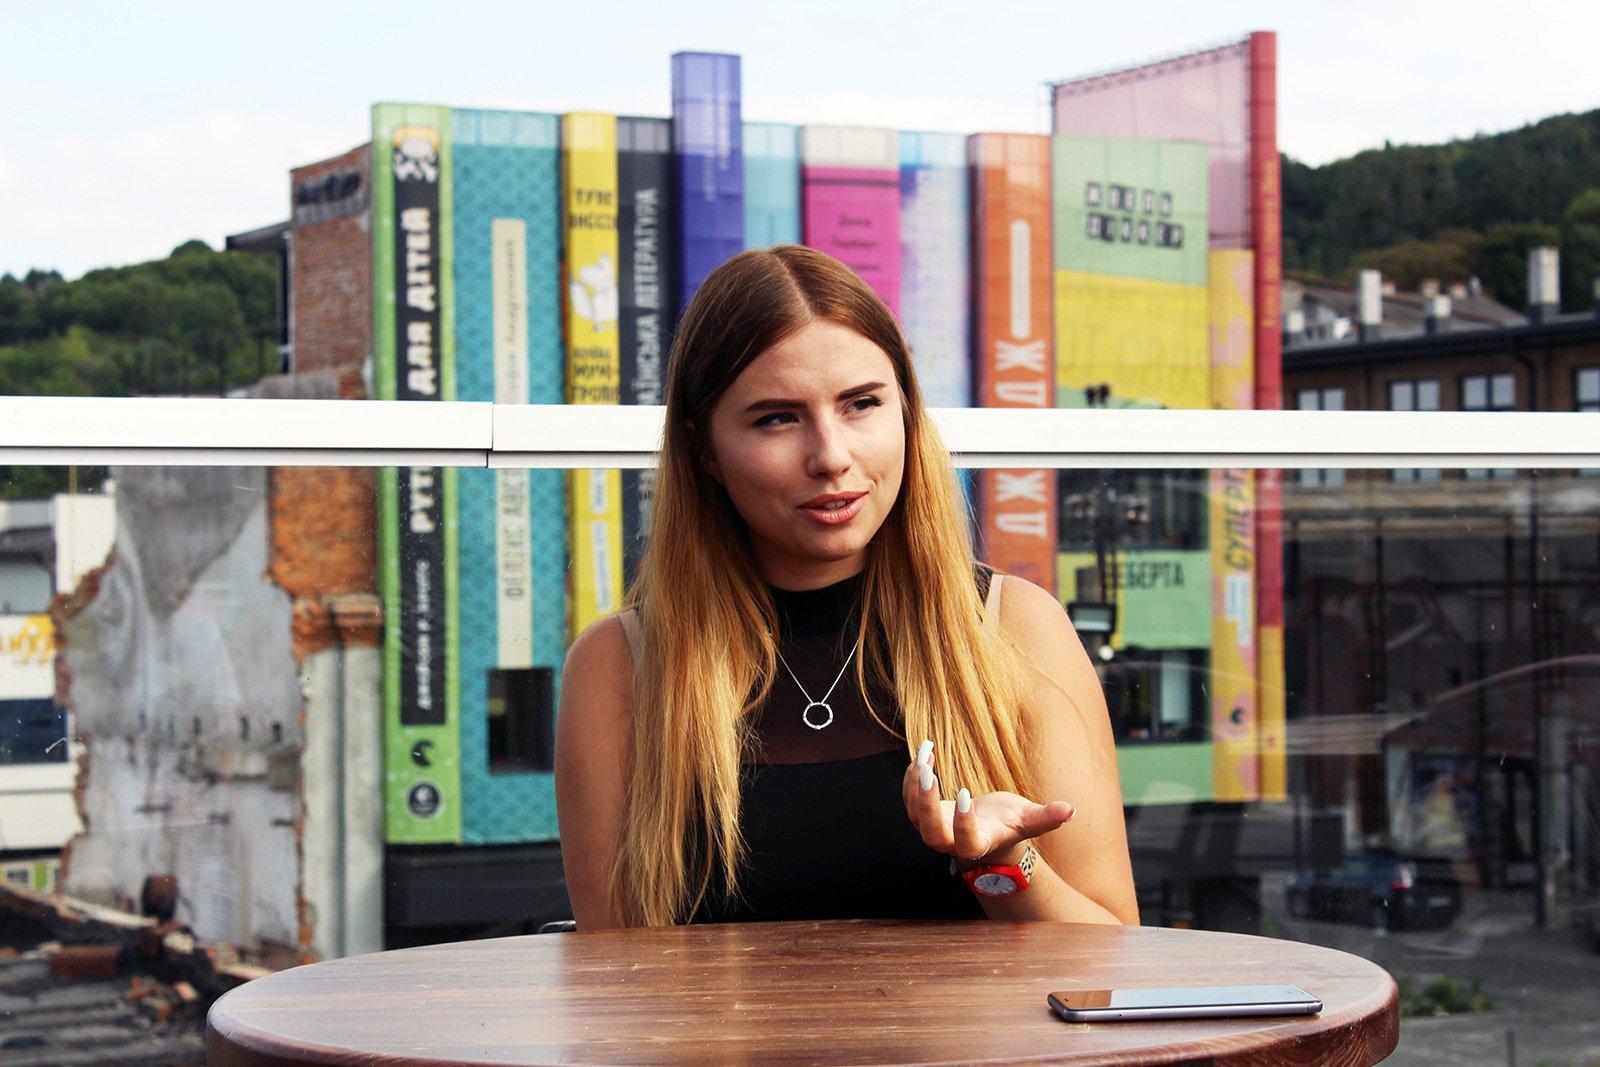 Співачка Ксенія Нема — за освітою архітекторка, працювала дизайнеркою інтер'єру, графічною дизайнеркоюу, озвучувала рекламк, у 24 стати поп-авторкою